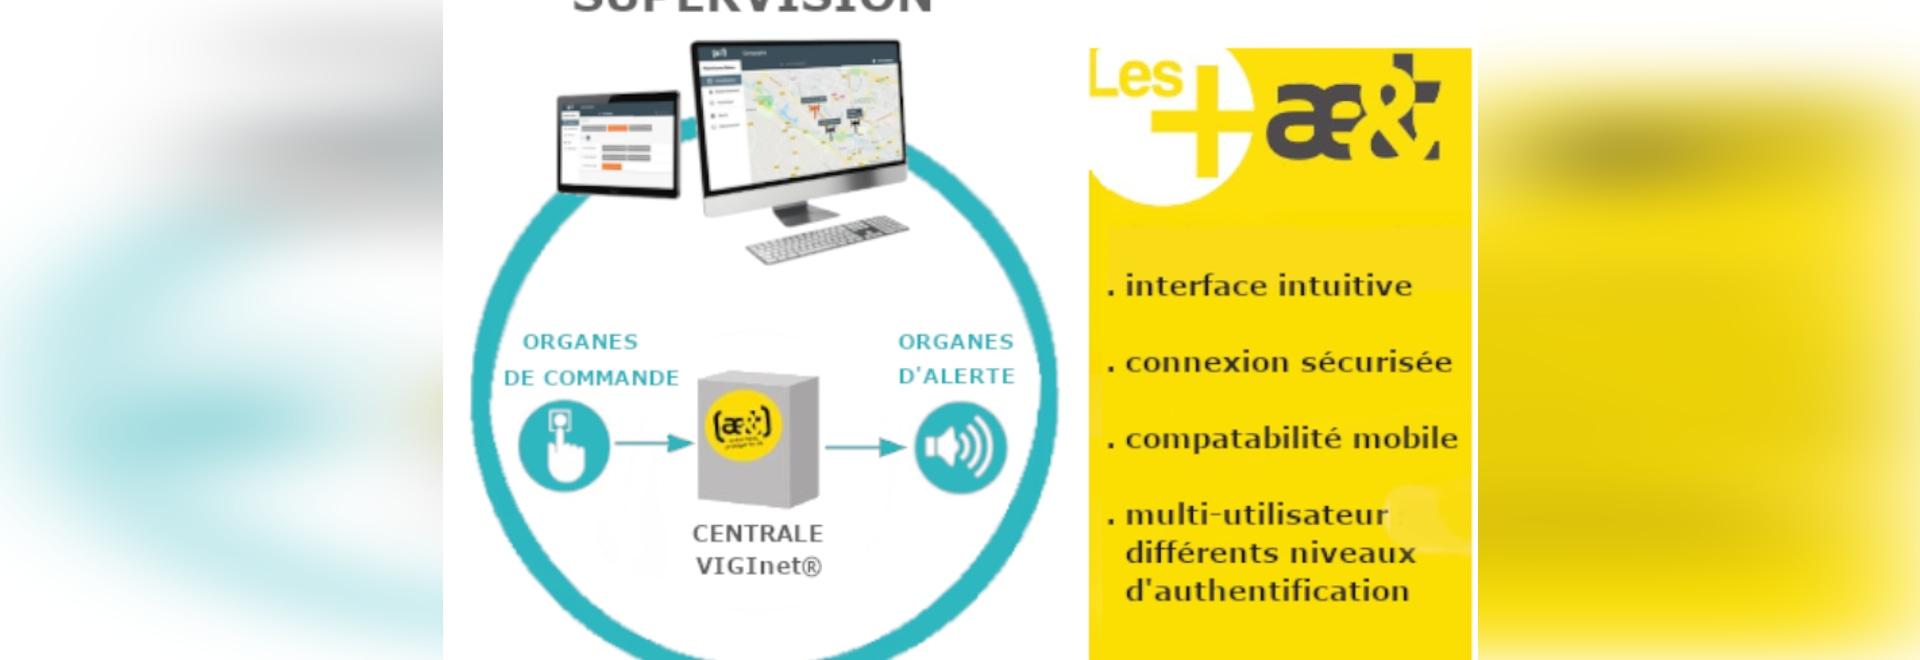 Évolution du système d'alerte et d'évacuation VIGInet® avec la nouvelle supervision